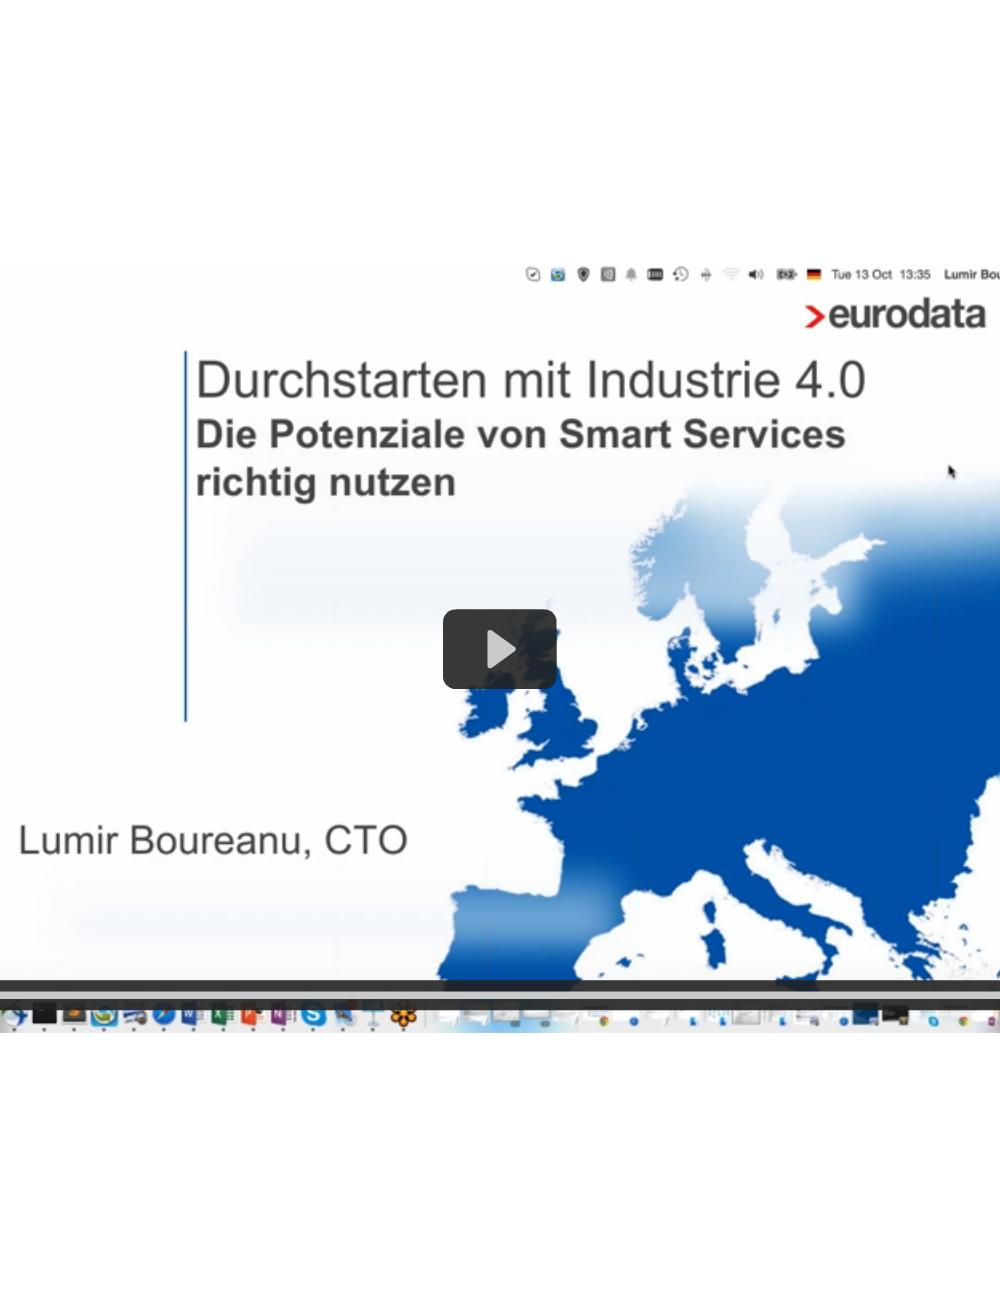 Webinar: Durchstarten mit Industrie 4.0 – Die Potenziale von Smart Services richtig nutzen